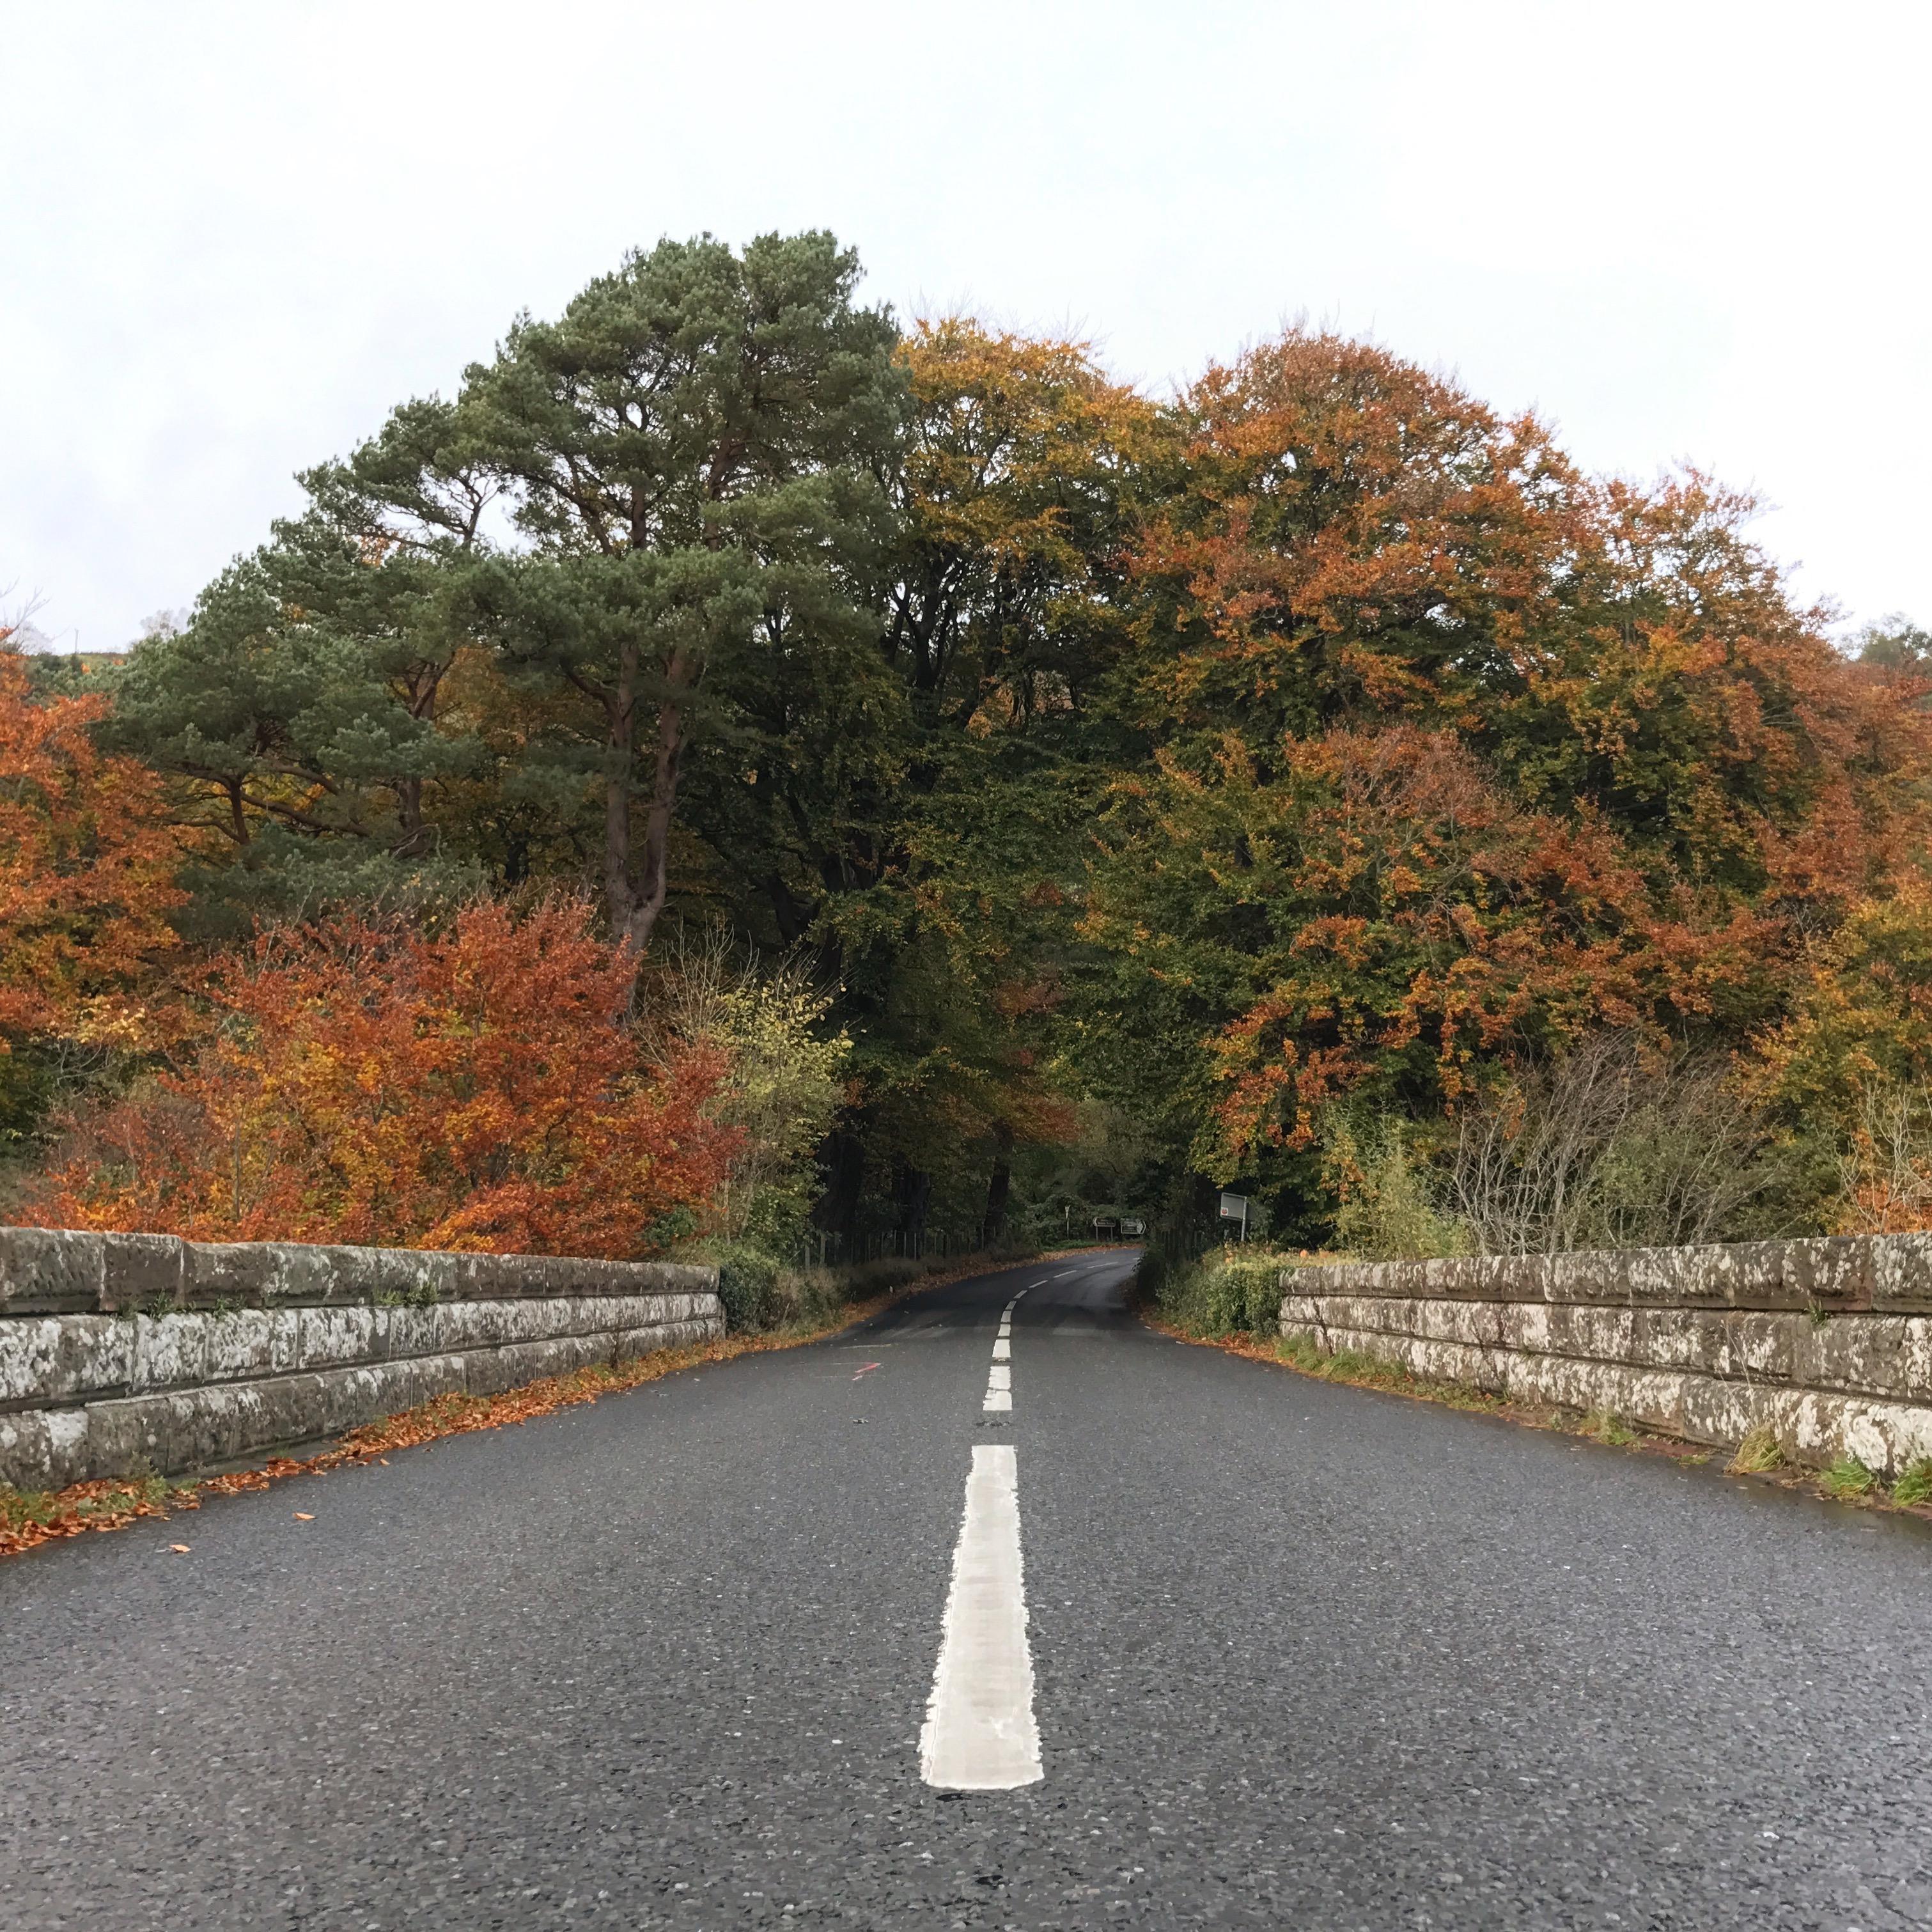 Autumn Nortern Ireland